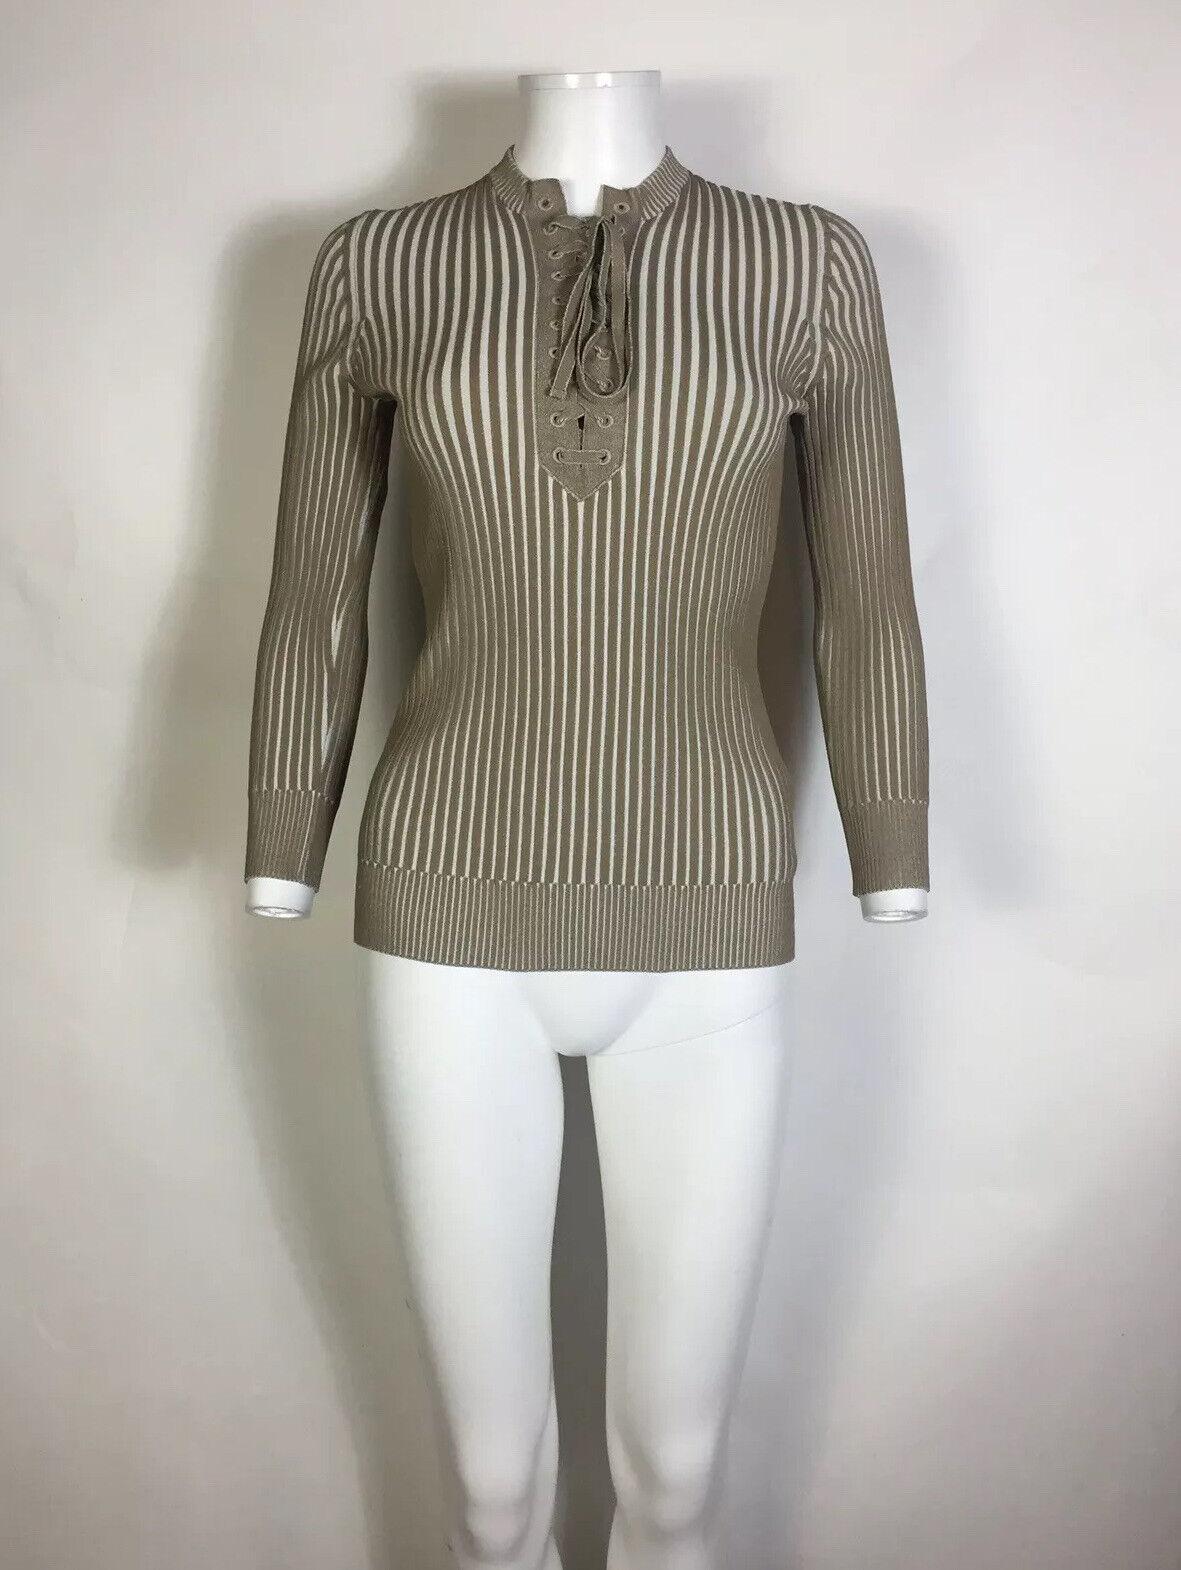 Rare Vtg Gucci Beige Knit Lace Up Top M - image 2